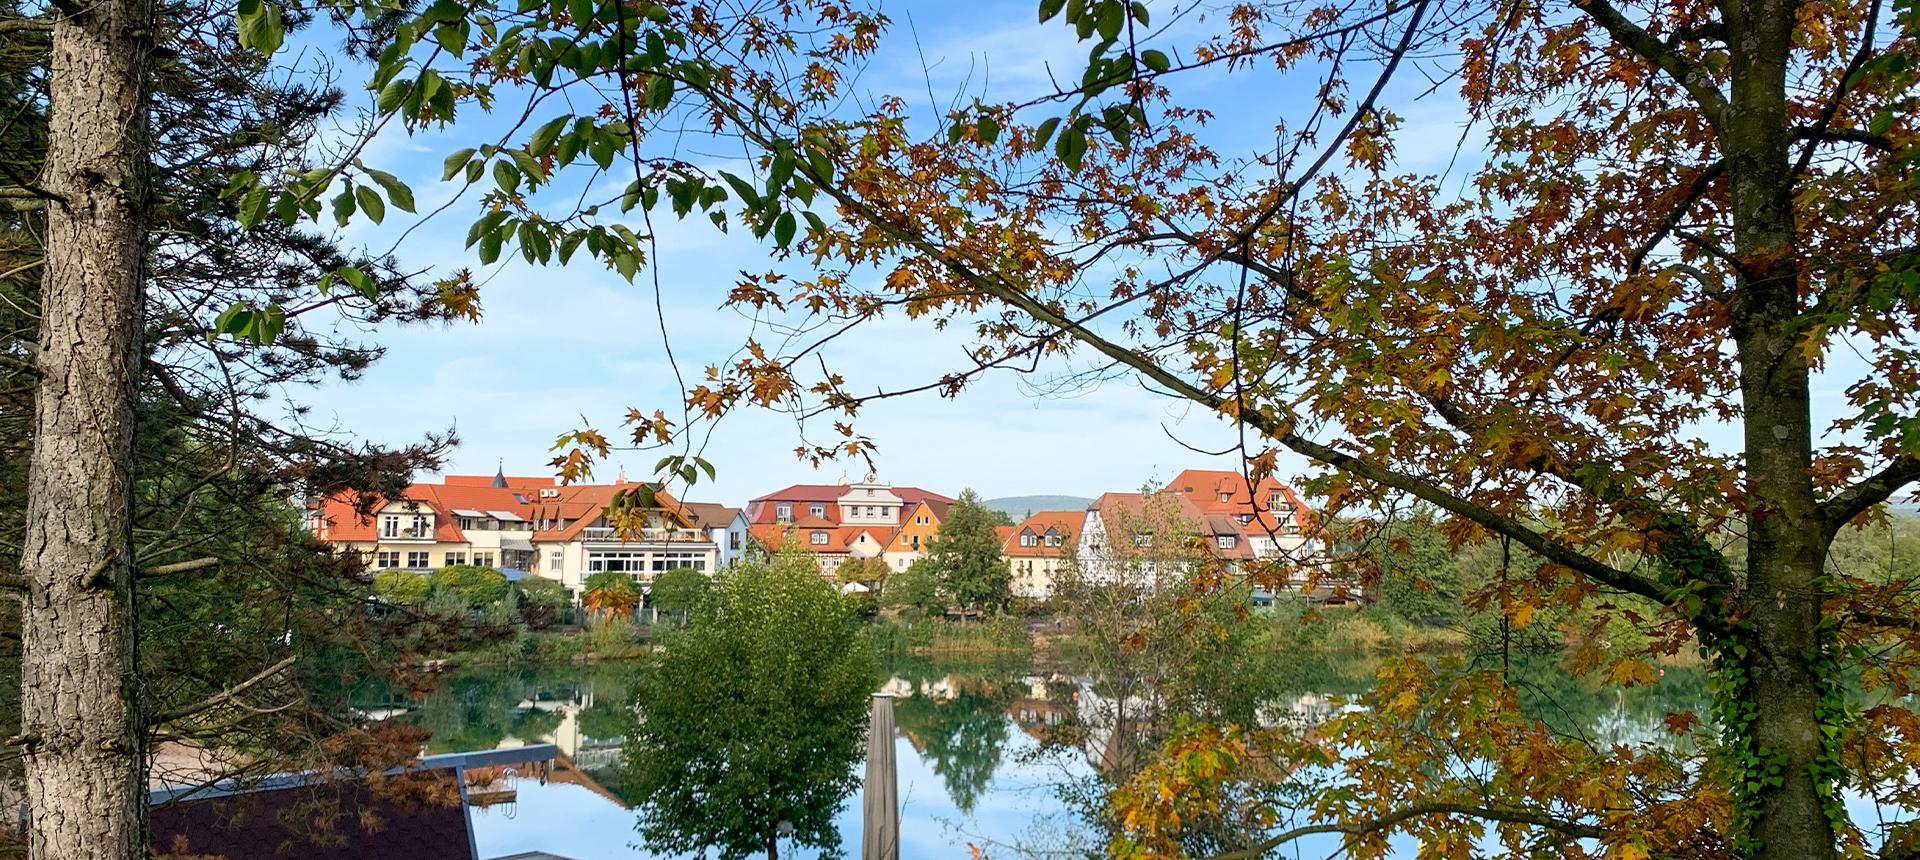 Herfsttijd in het dorp aan het meer